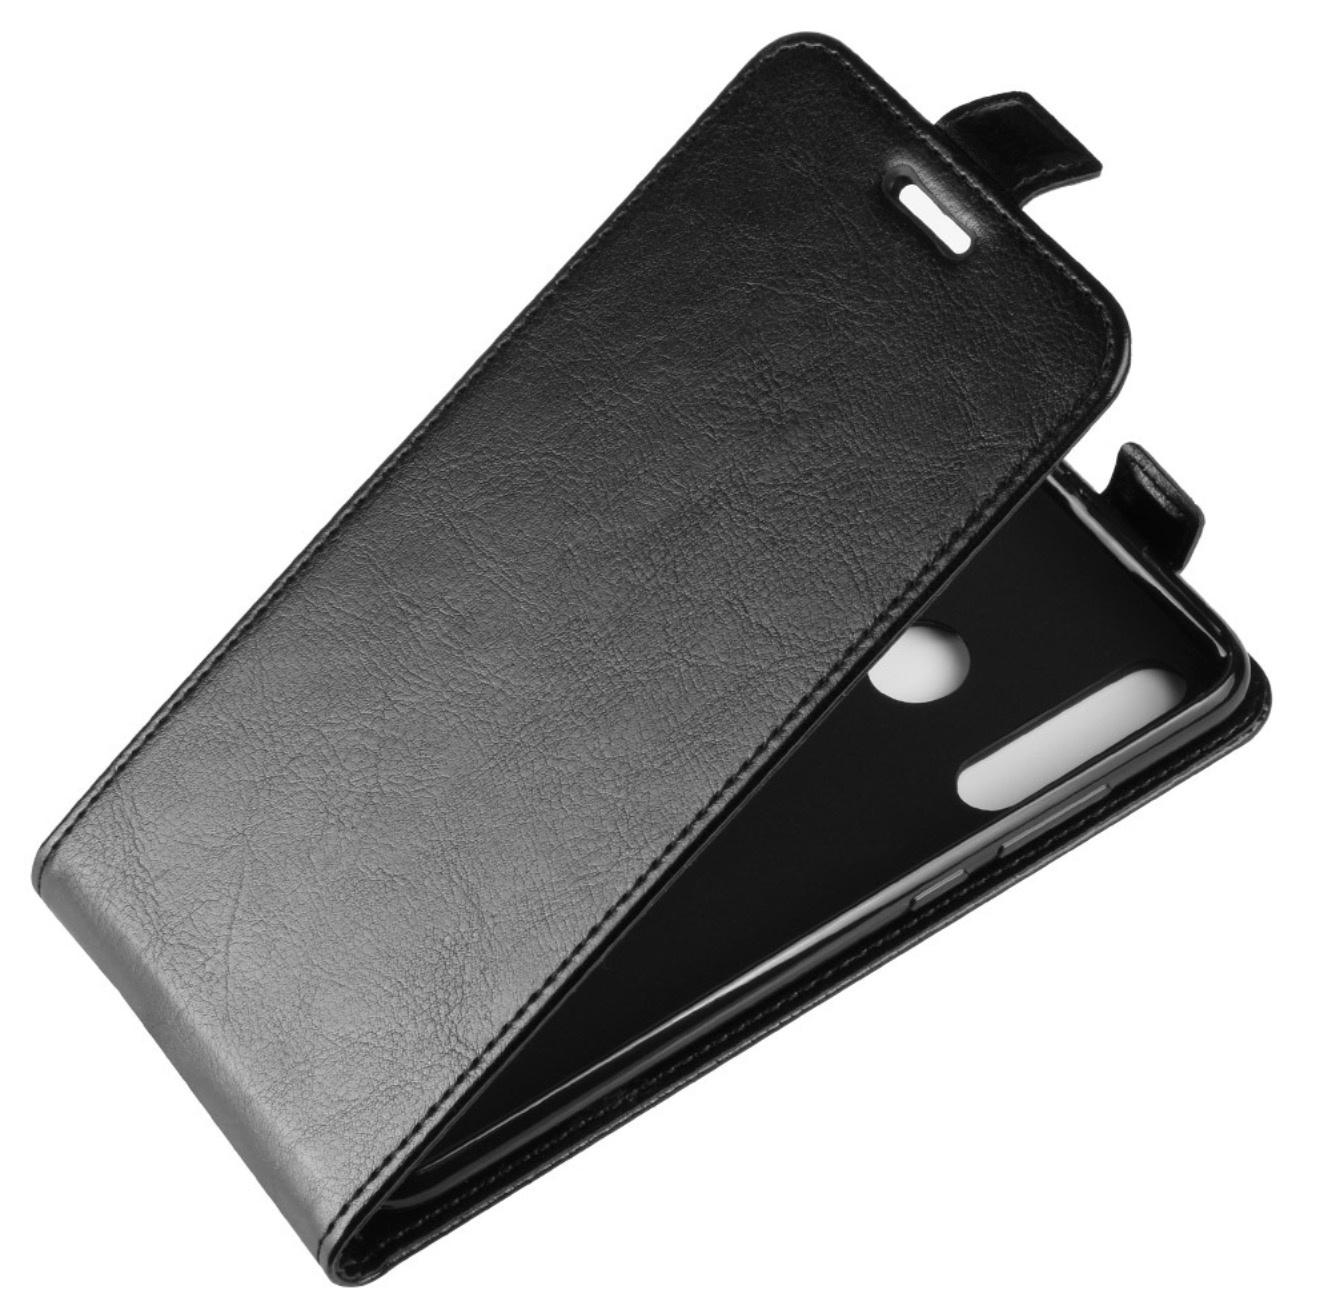 Чехол-флип MyPads для Fly Cirrus 1 (FS502) вертикальный откидной черный стоимость